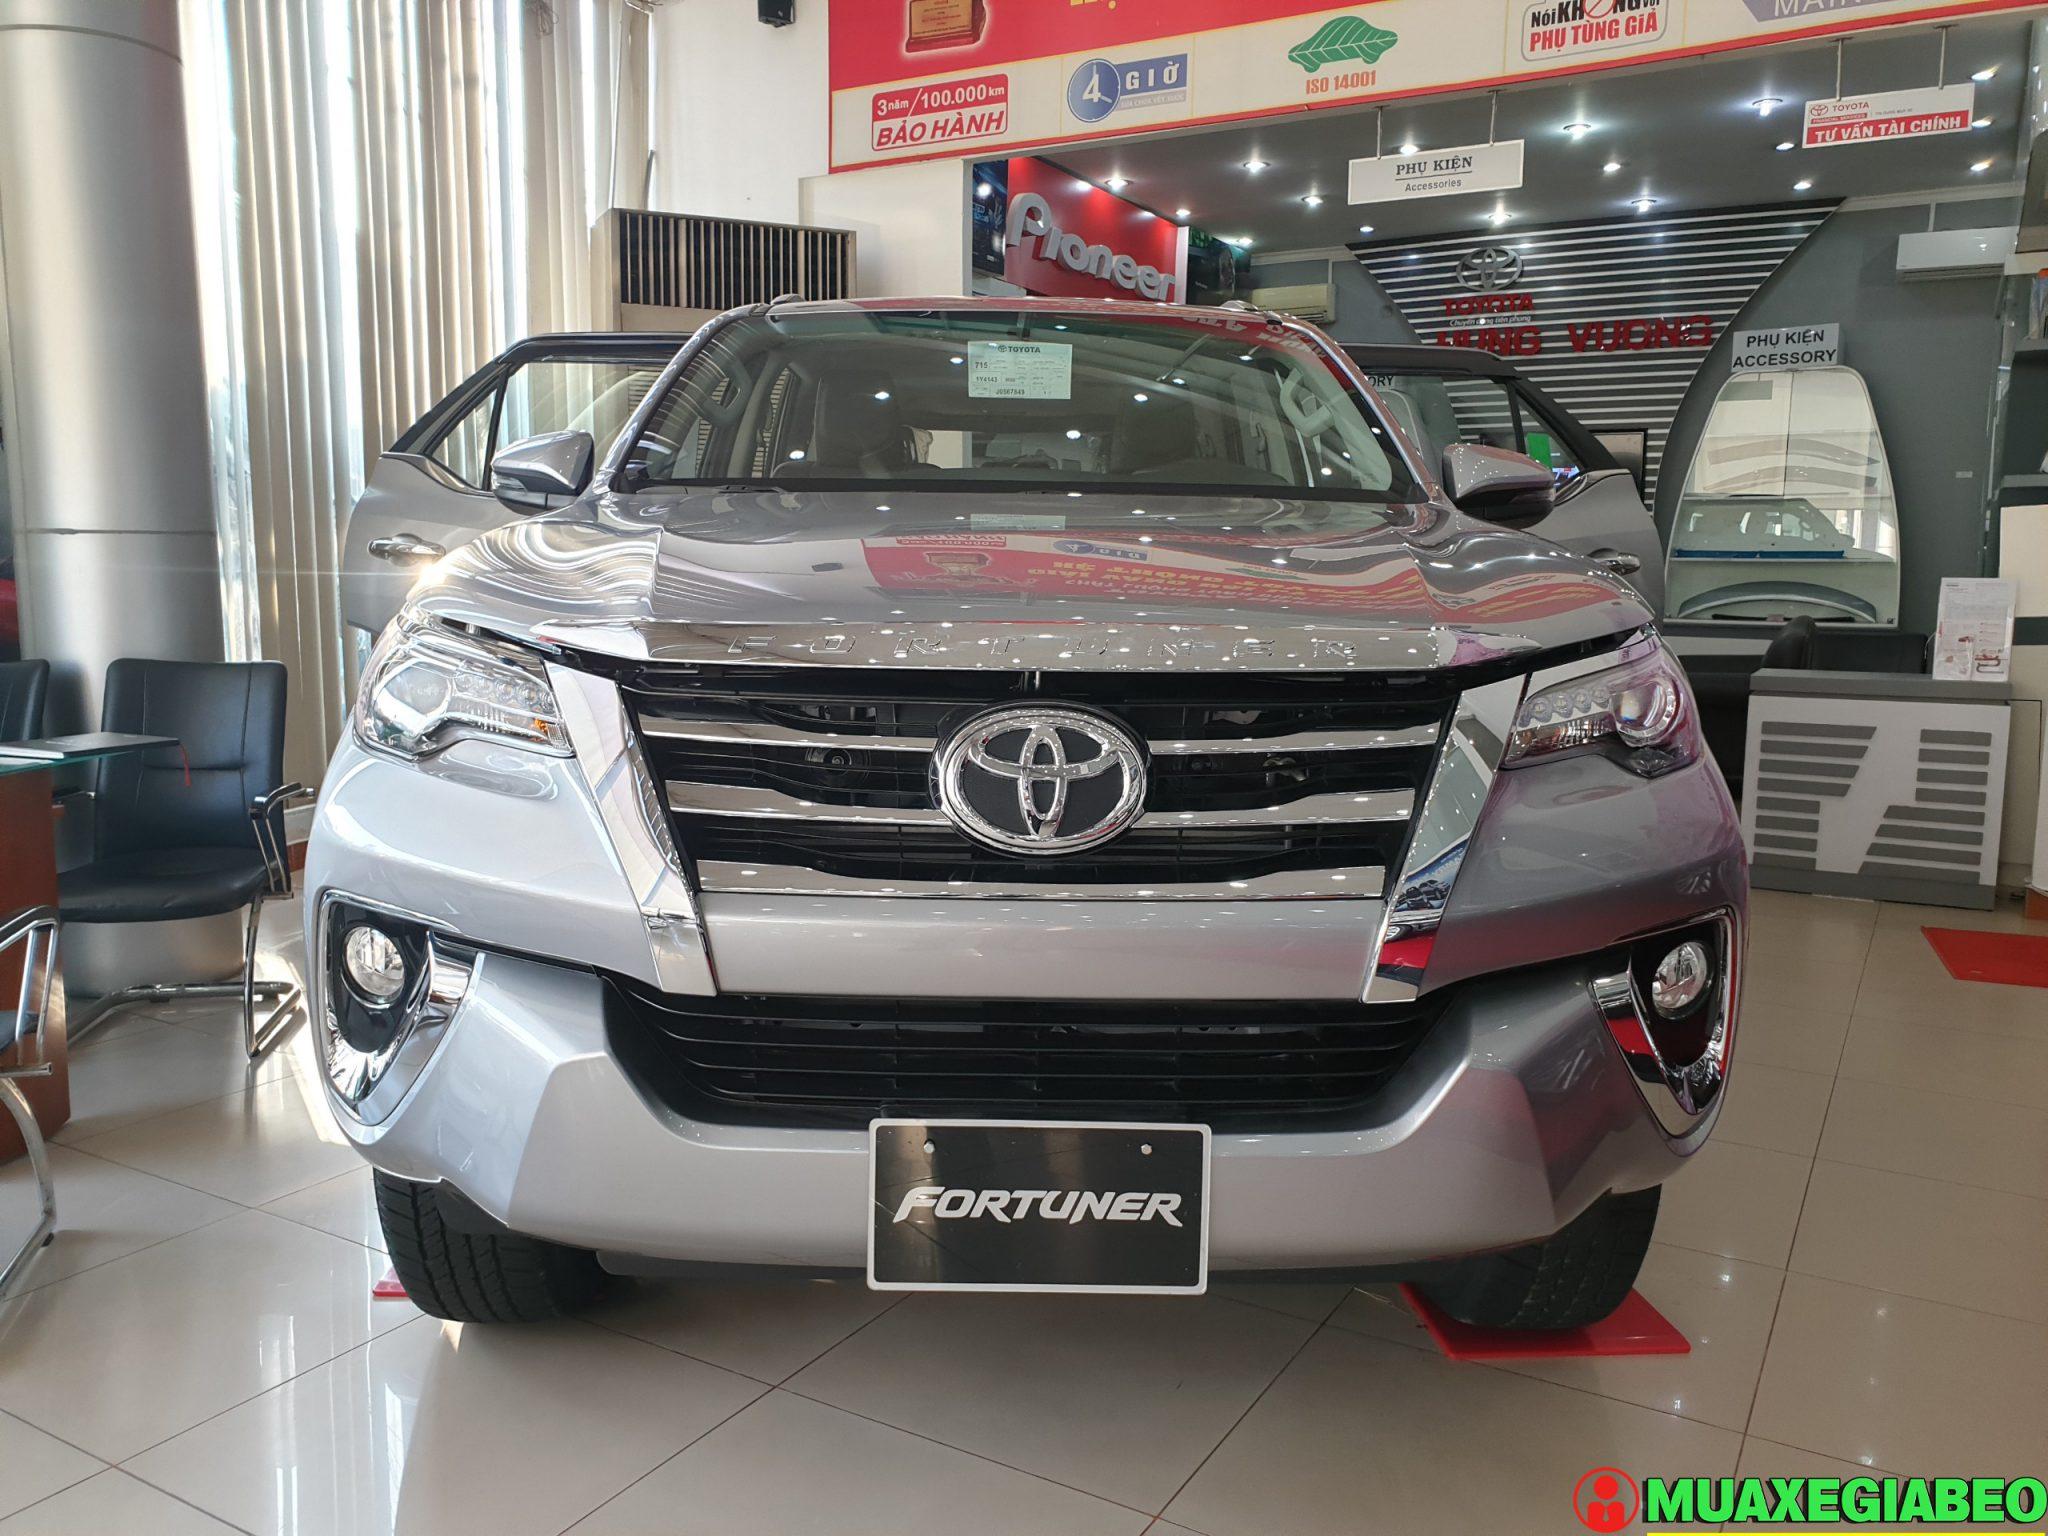 Toyota Fortuner 2.8 V diesel 4x4 AT Đánh giá thông số lăn bánh trả góp ảnh 4 - Fortuner 2.8 V 4WD [hienthinam]: giá xe và khuyến mãi mới